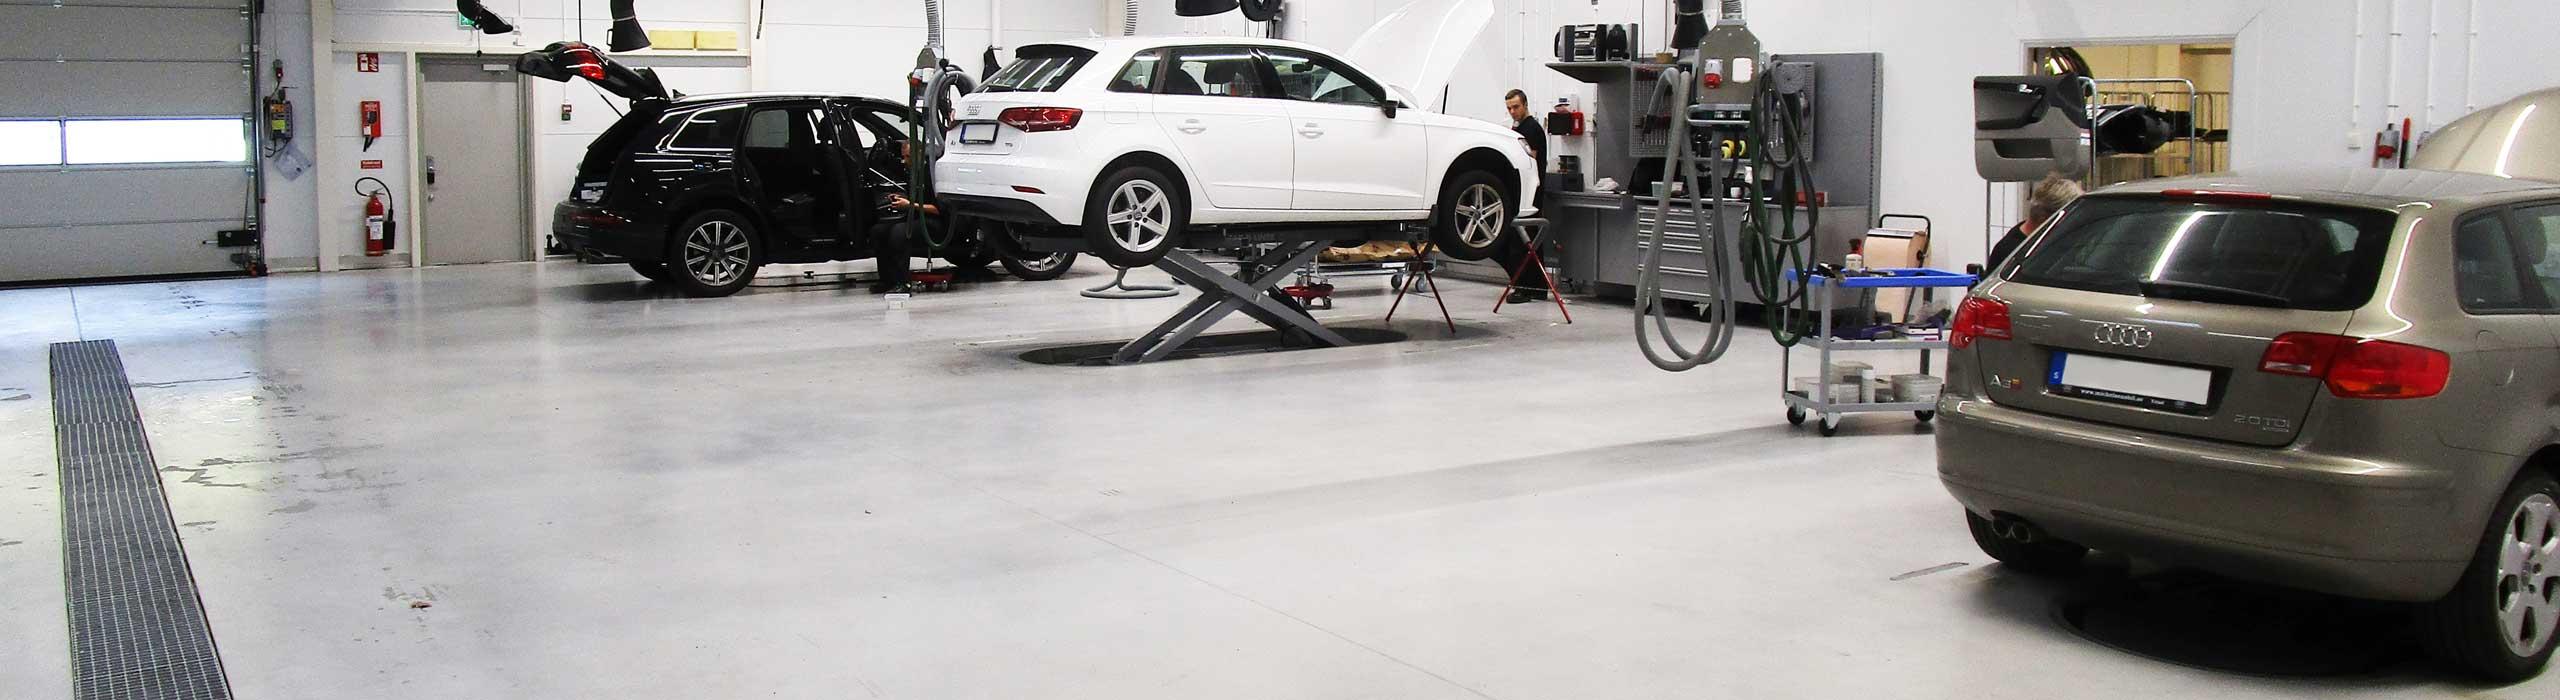 Skadeverkstad för Audi, Volkswagen Skoda och Seat